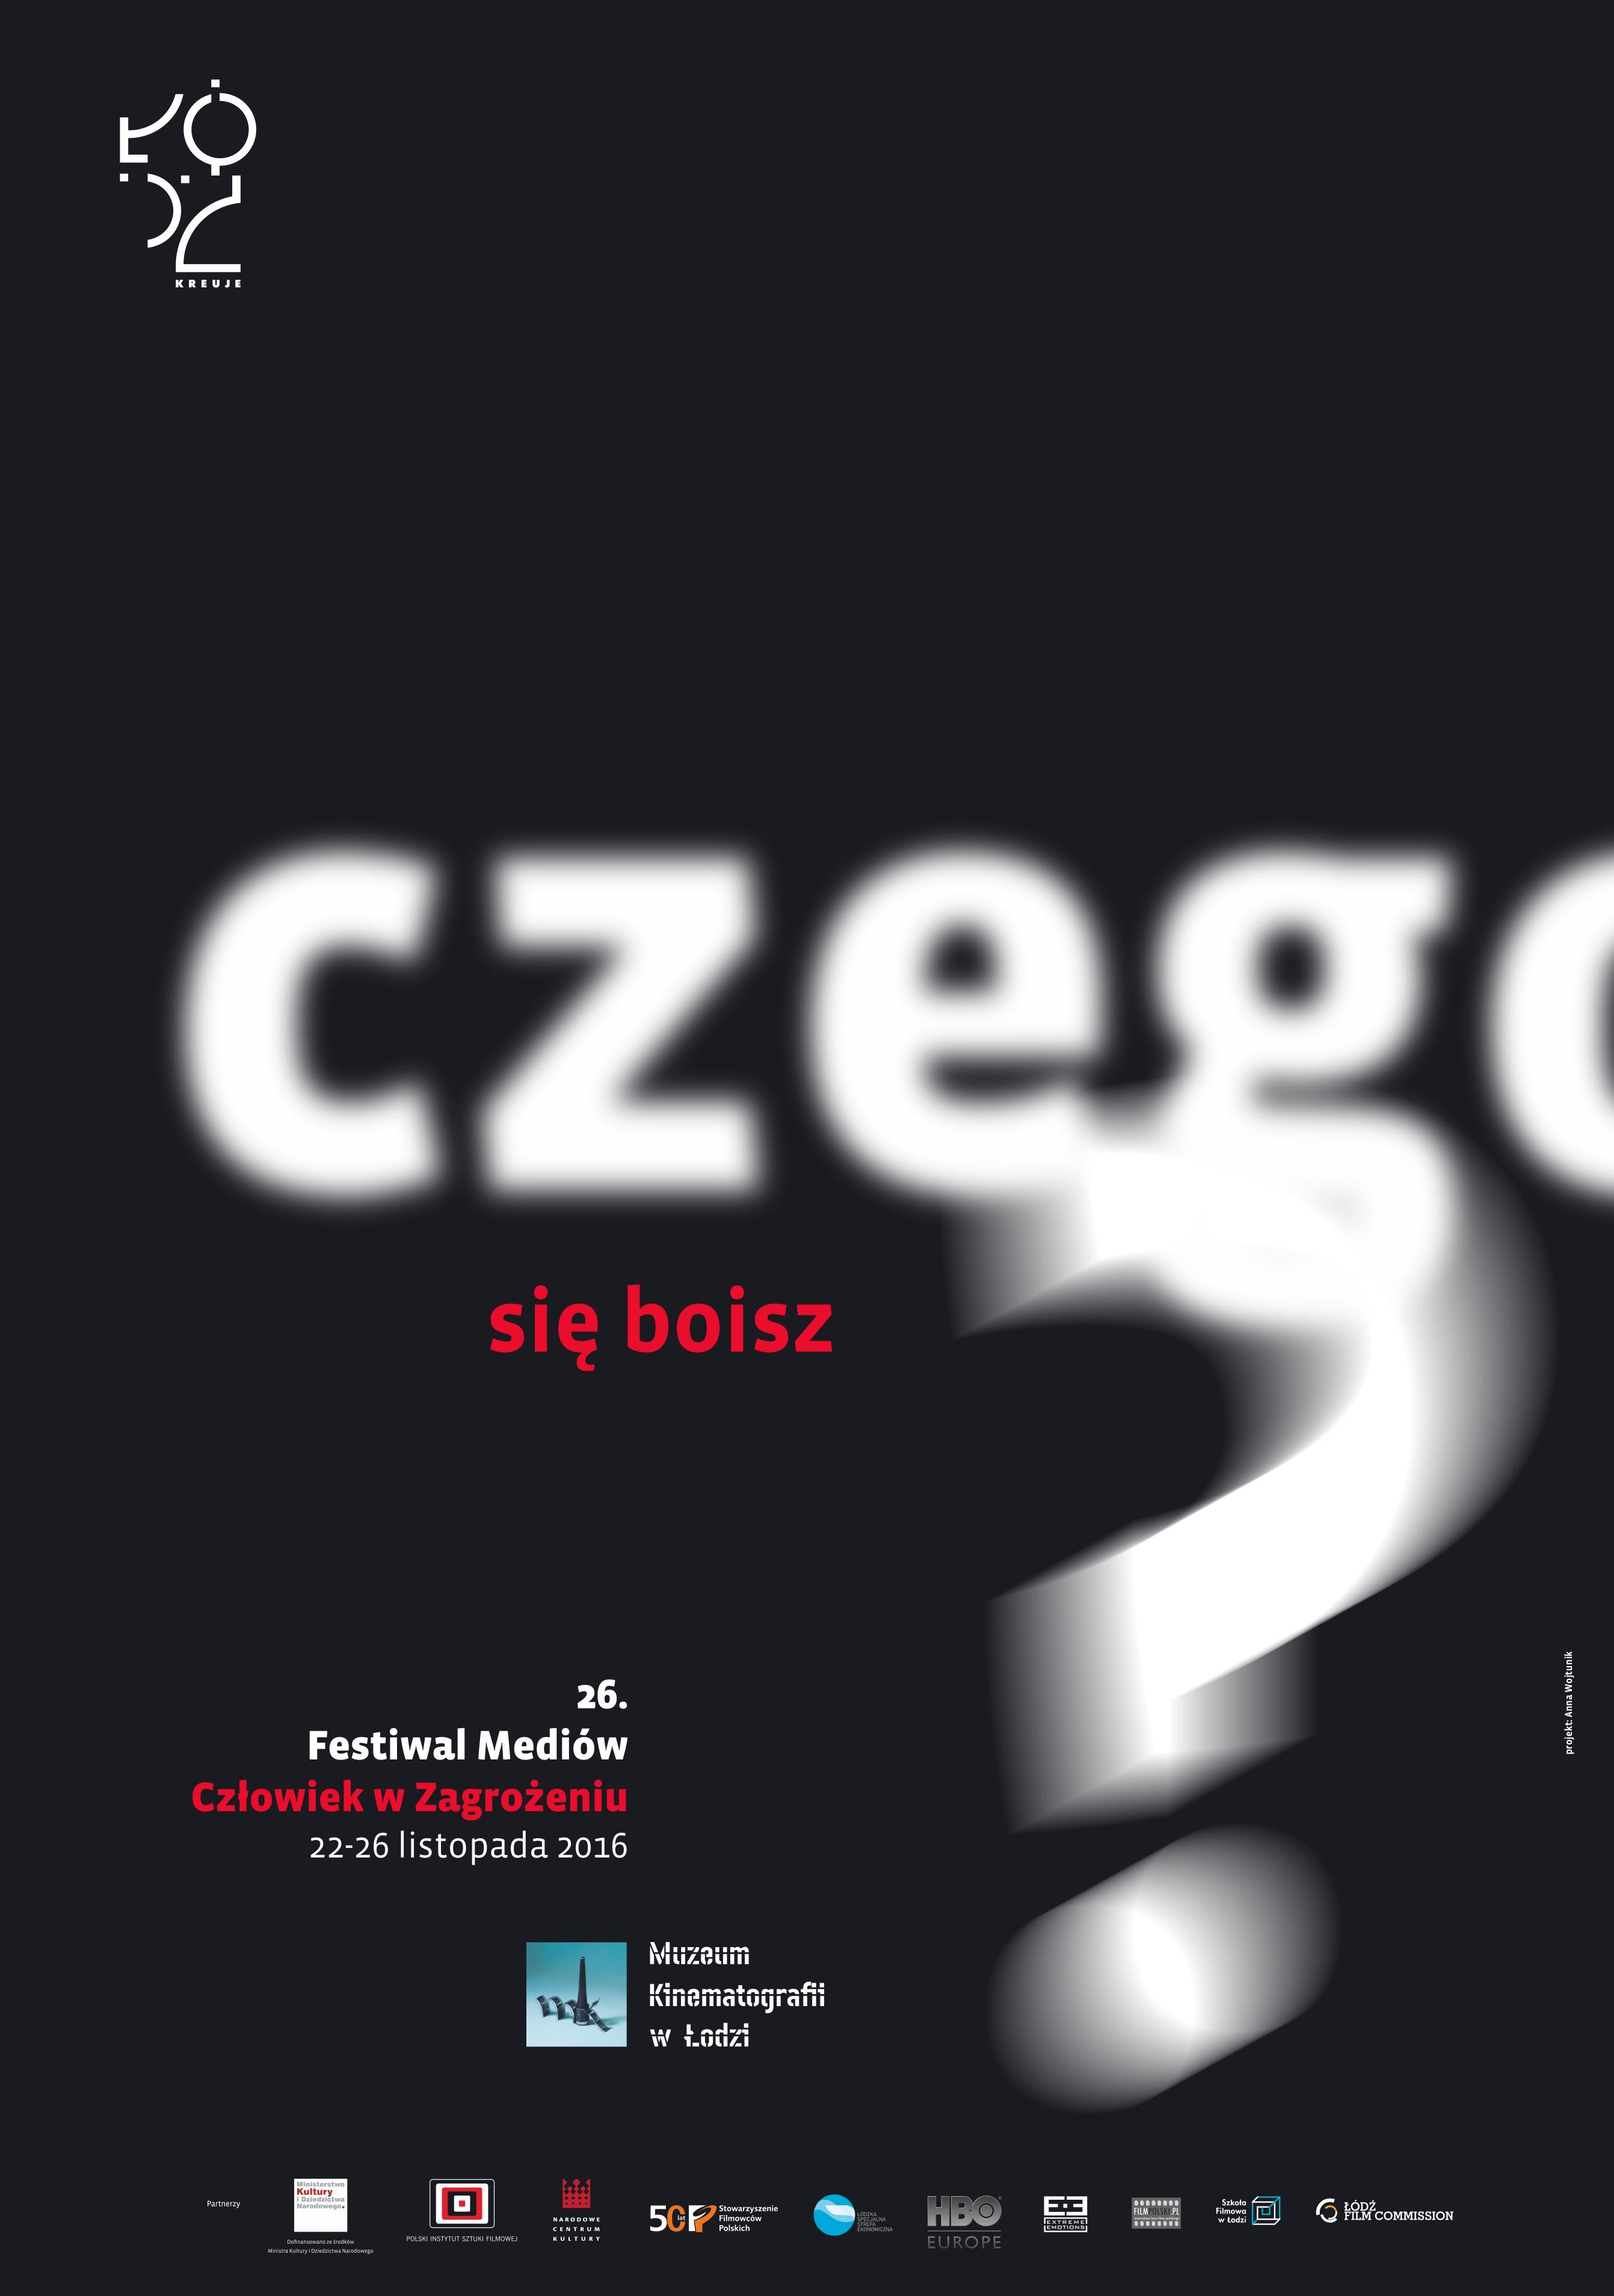 Plakat_czego_sie_Boisz_16